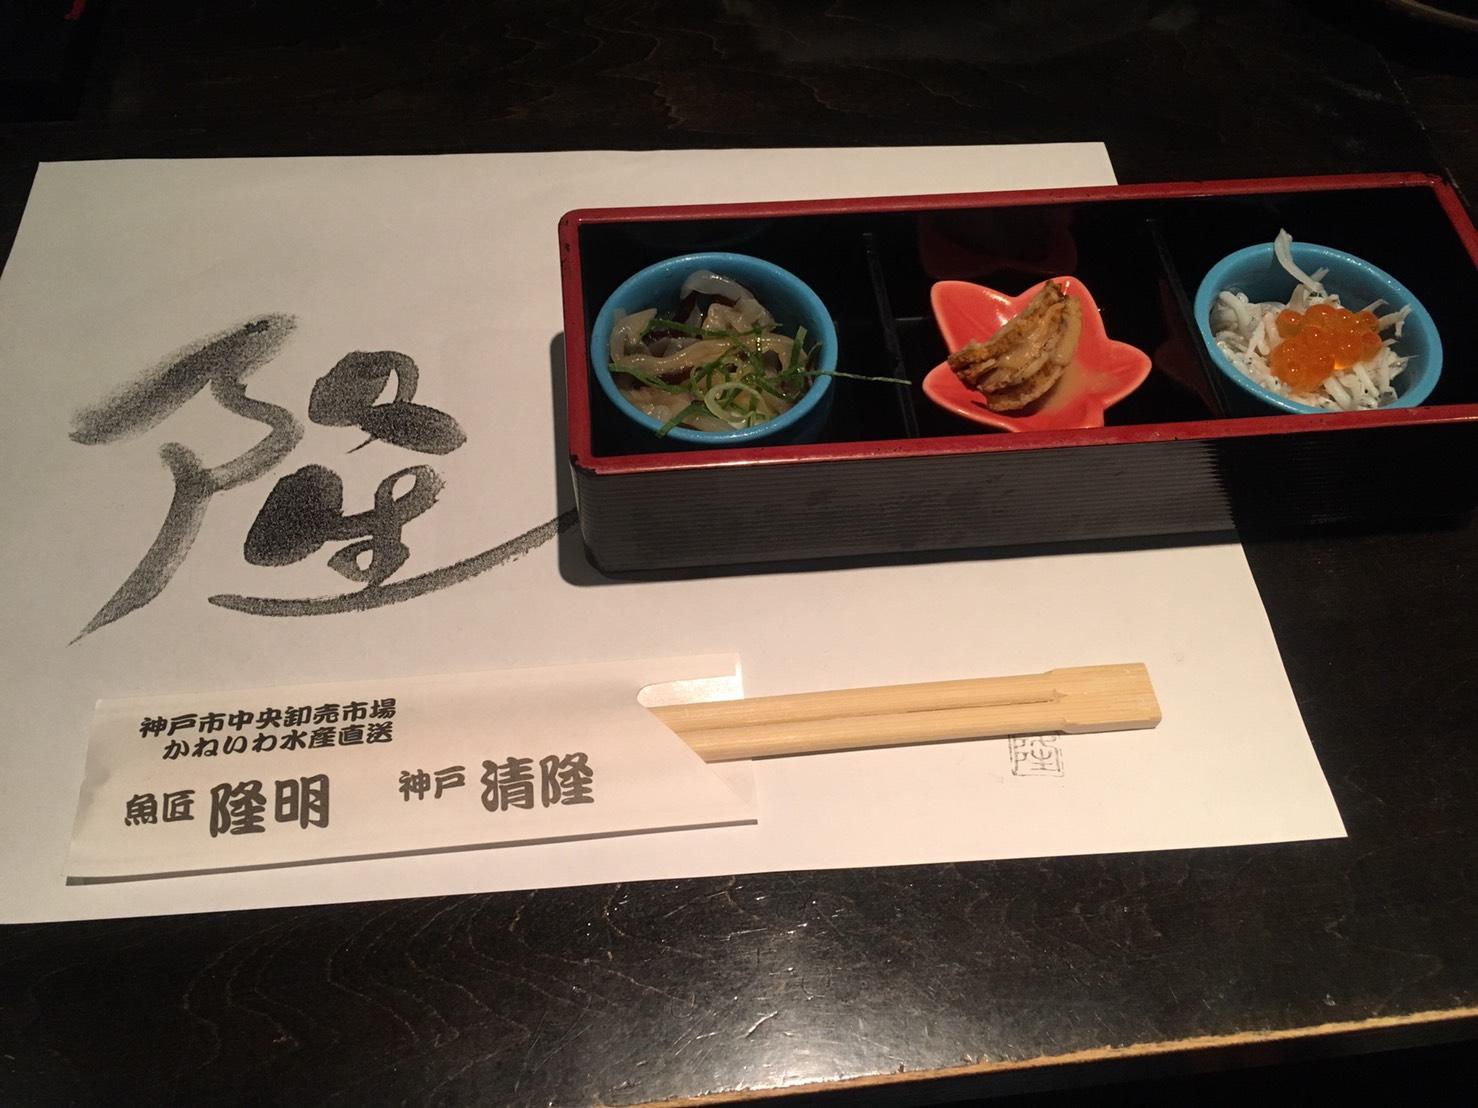 三宮の食べ放題 寿司隆明の付き出し